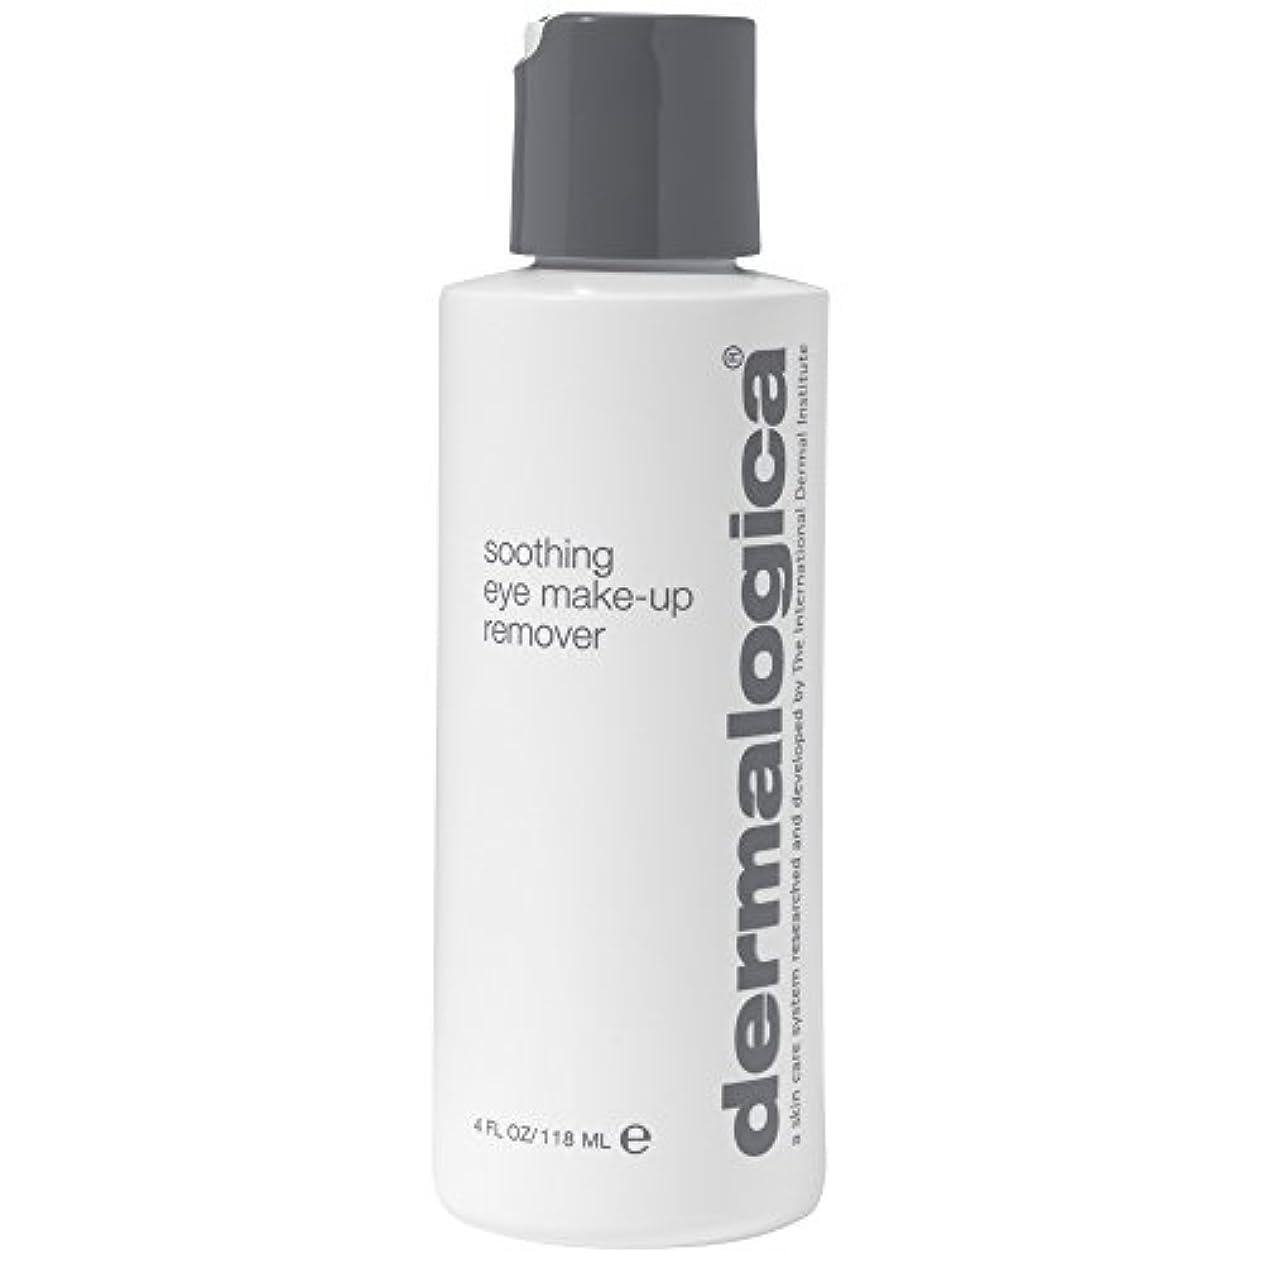 魅惑する塗抹時代ダーマロジカなだめるアイメイクアップリムーバーの118ミリリットル (Dermalogica) - Dermalogica Soothing Eye Makeup Remover 118ml [並行輸入品]